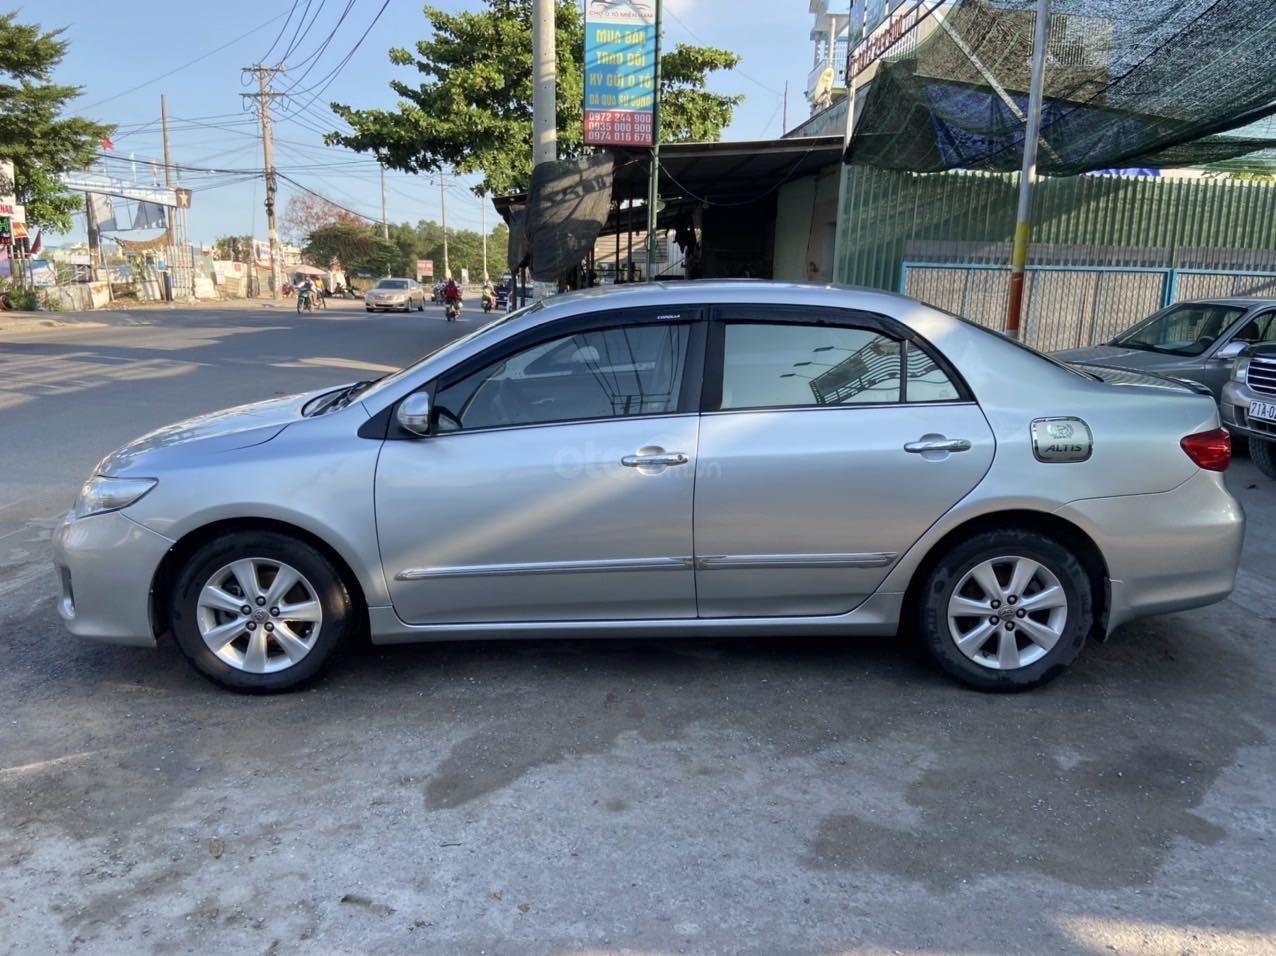 Bán ô tô Toyota Corolla Altis đời 2011, màu bạc, còn mới giá tốt (4)